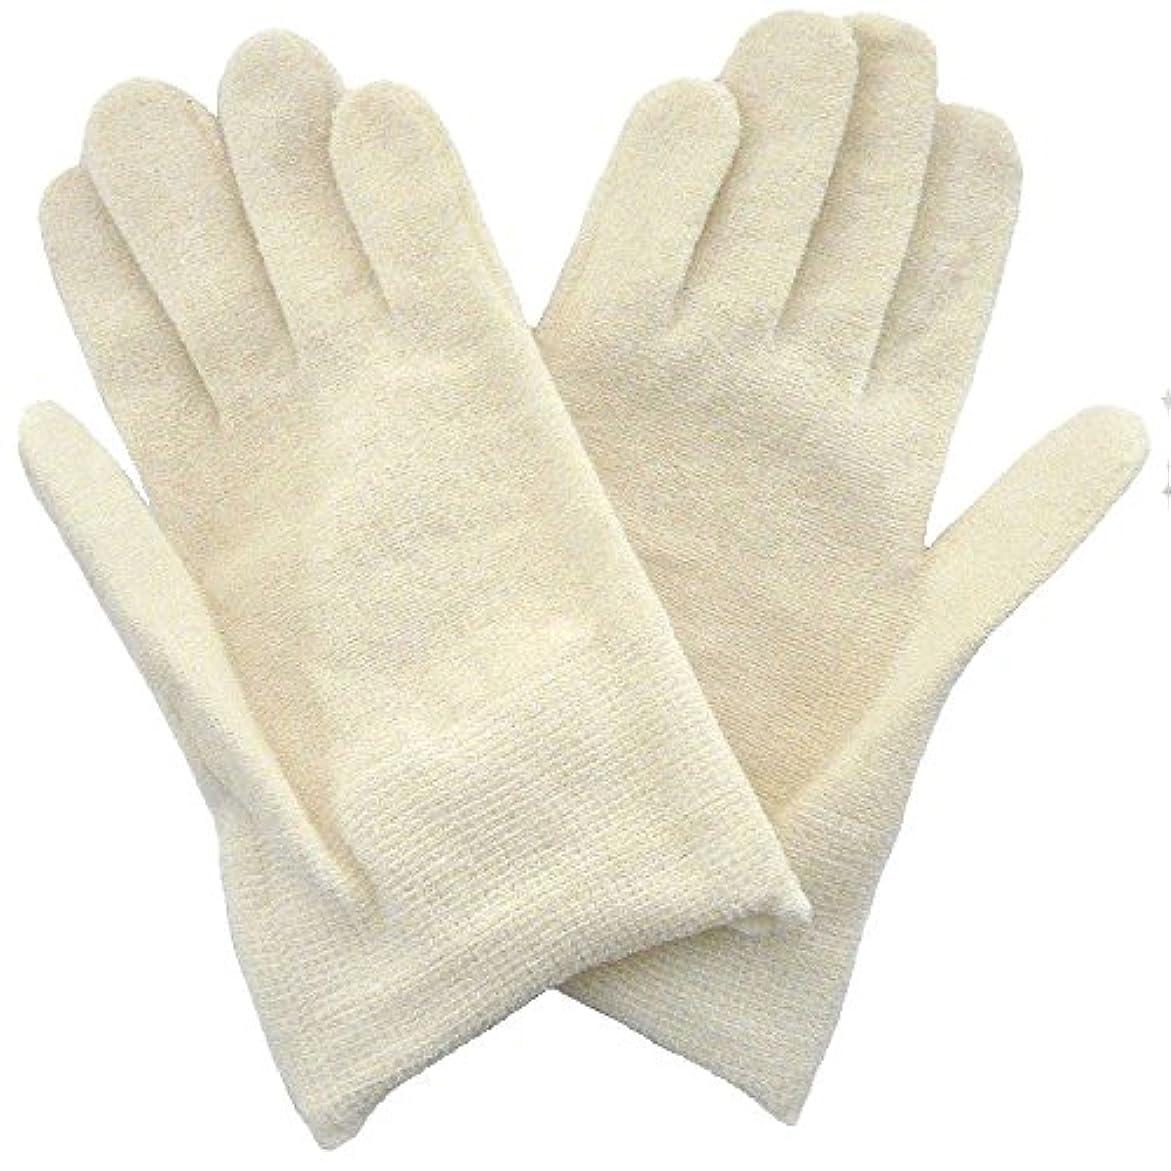 鯨大使納税者【アトピー】【水疱瘡】【皮膚炎】 ナノミックス おやすみ手袋:キッズ用 アイボリー